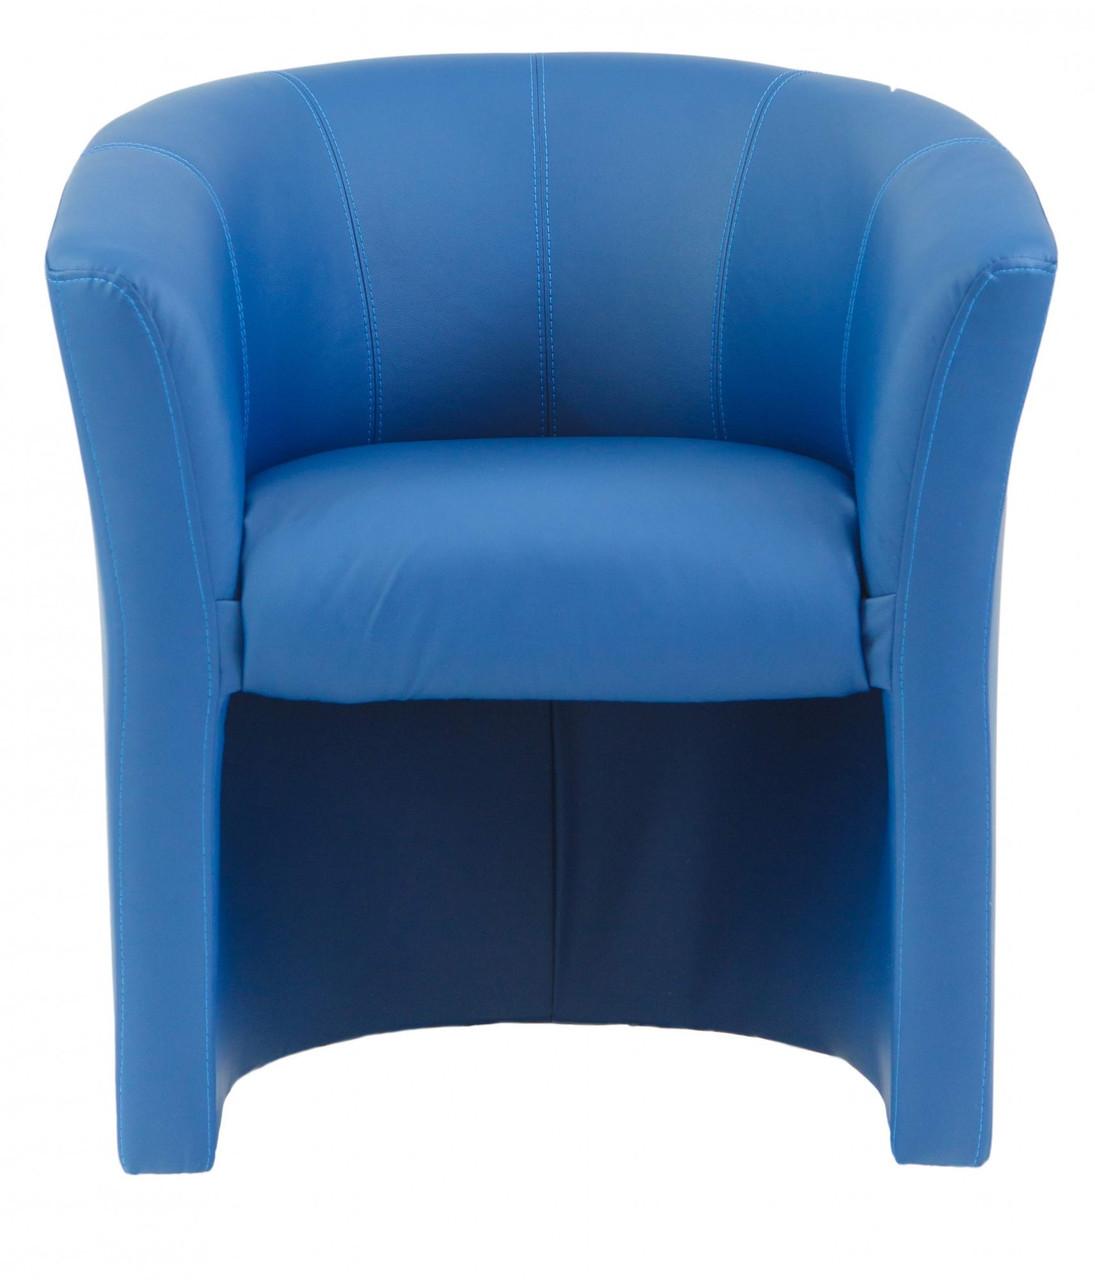 Кресло Richman Бум 650 x 650 x 800H см Zeus Deluxe Blue Синее